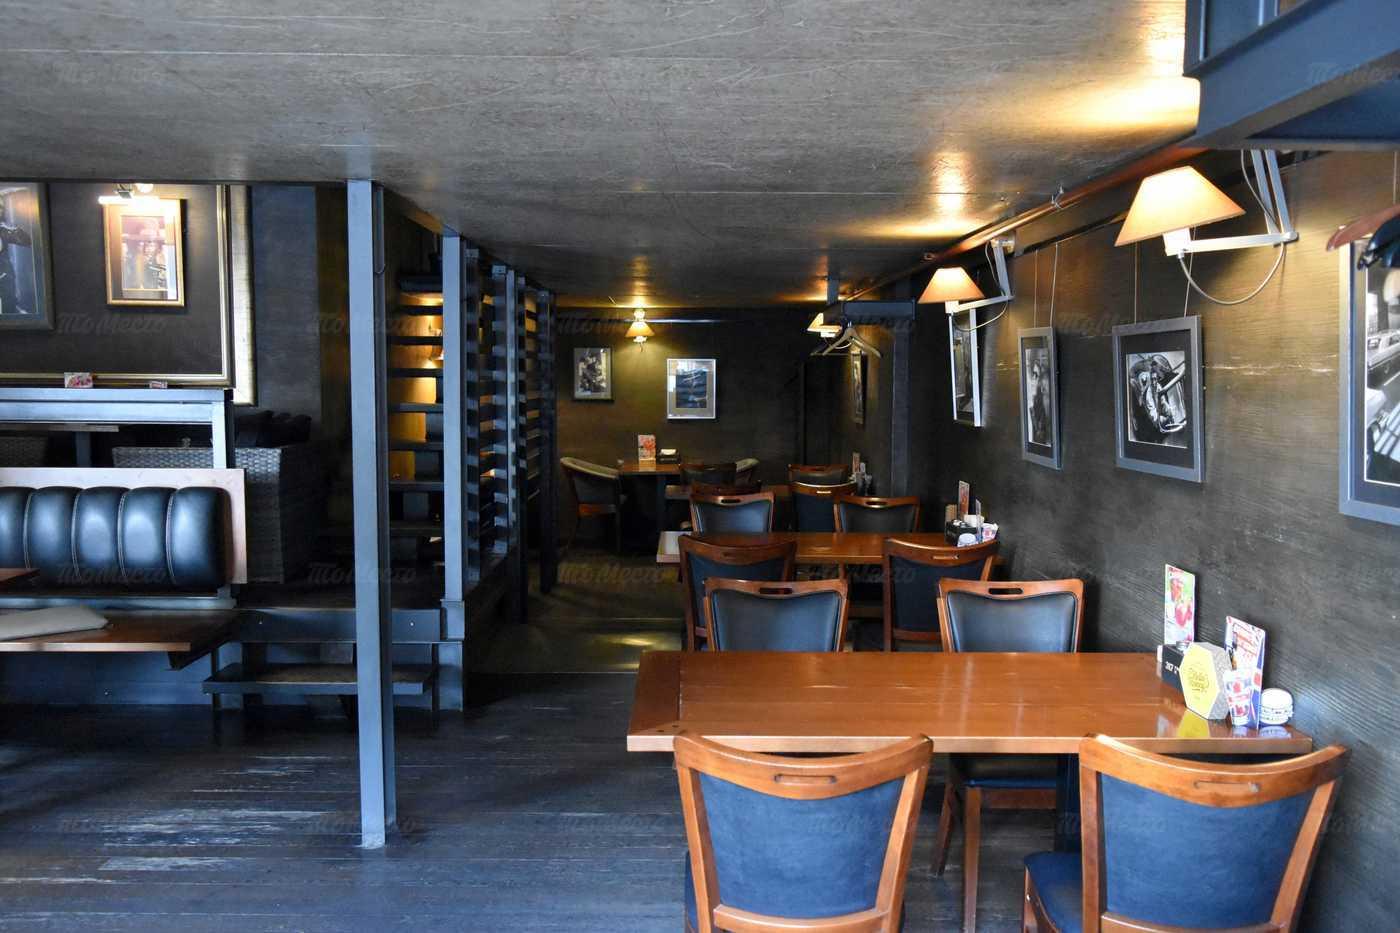 Ресторан Городское кафе 317 в Глубоком переулке фото 20